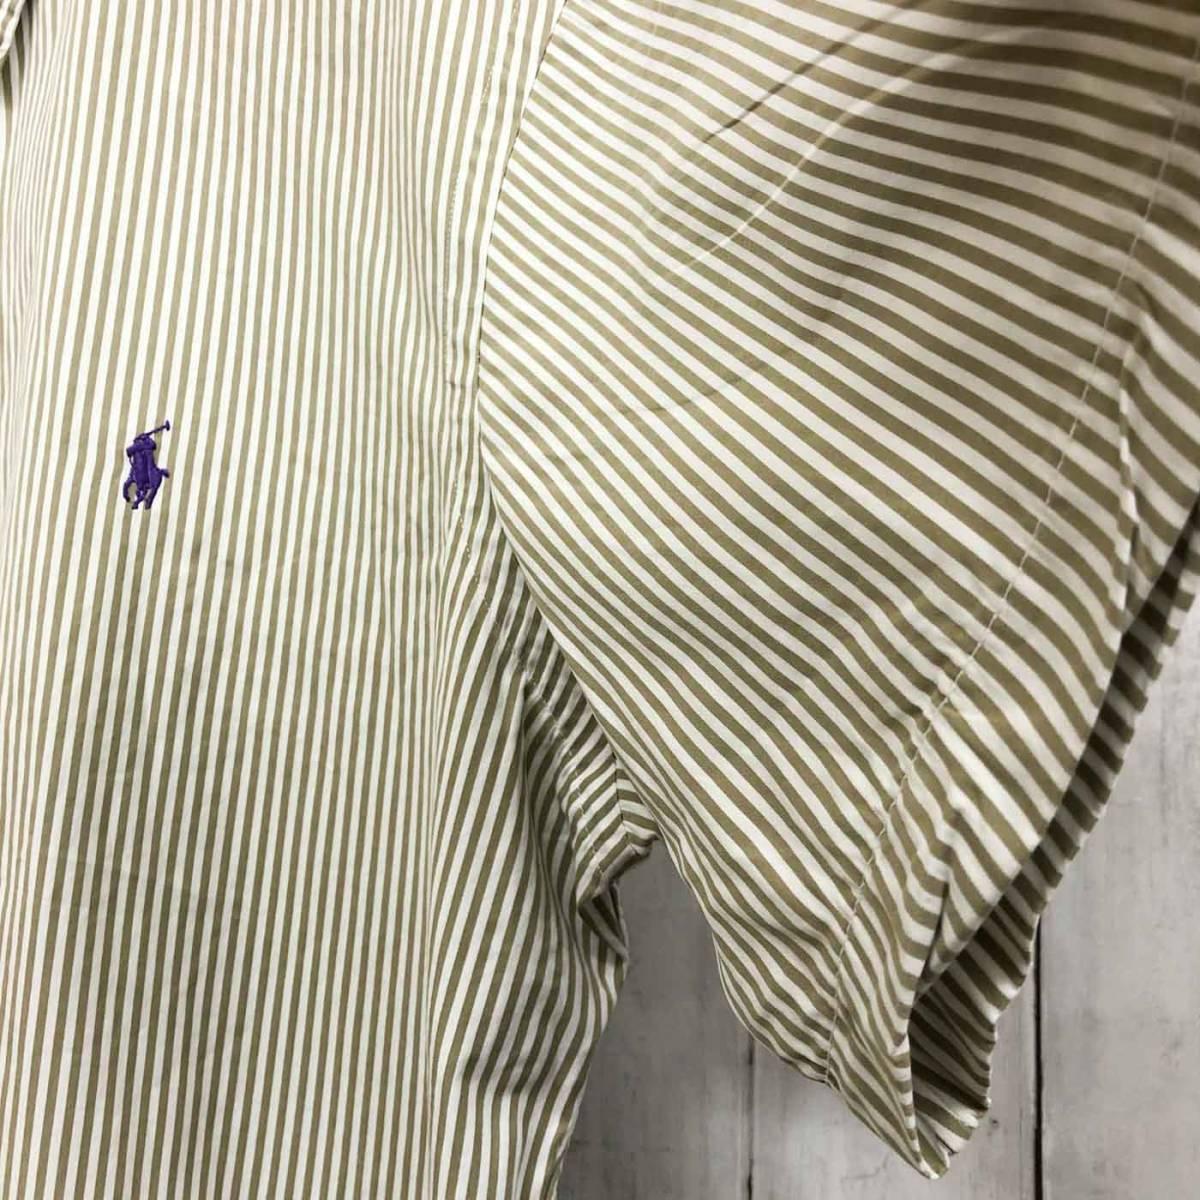 ラルフローレン POLO Ralph Lauren Polo 半袖シャツ メンズ ワンポイント XLサイズ 7-184_画像7